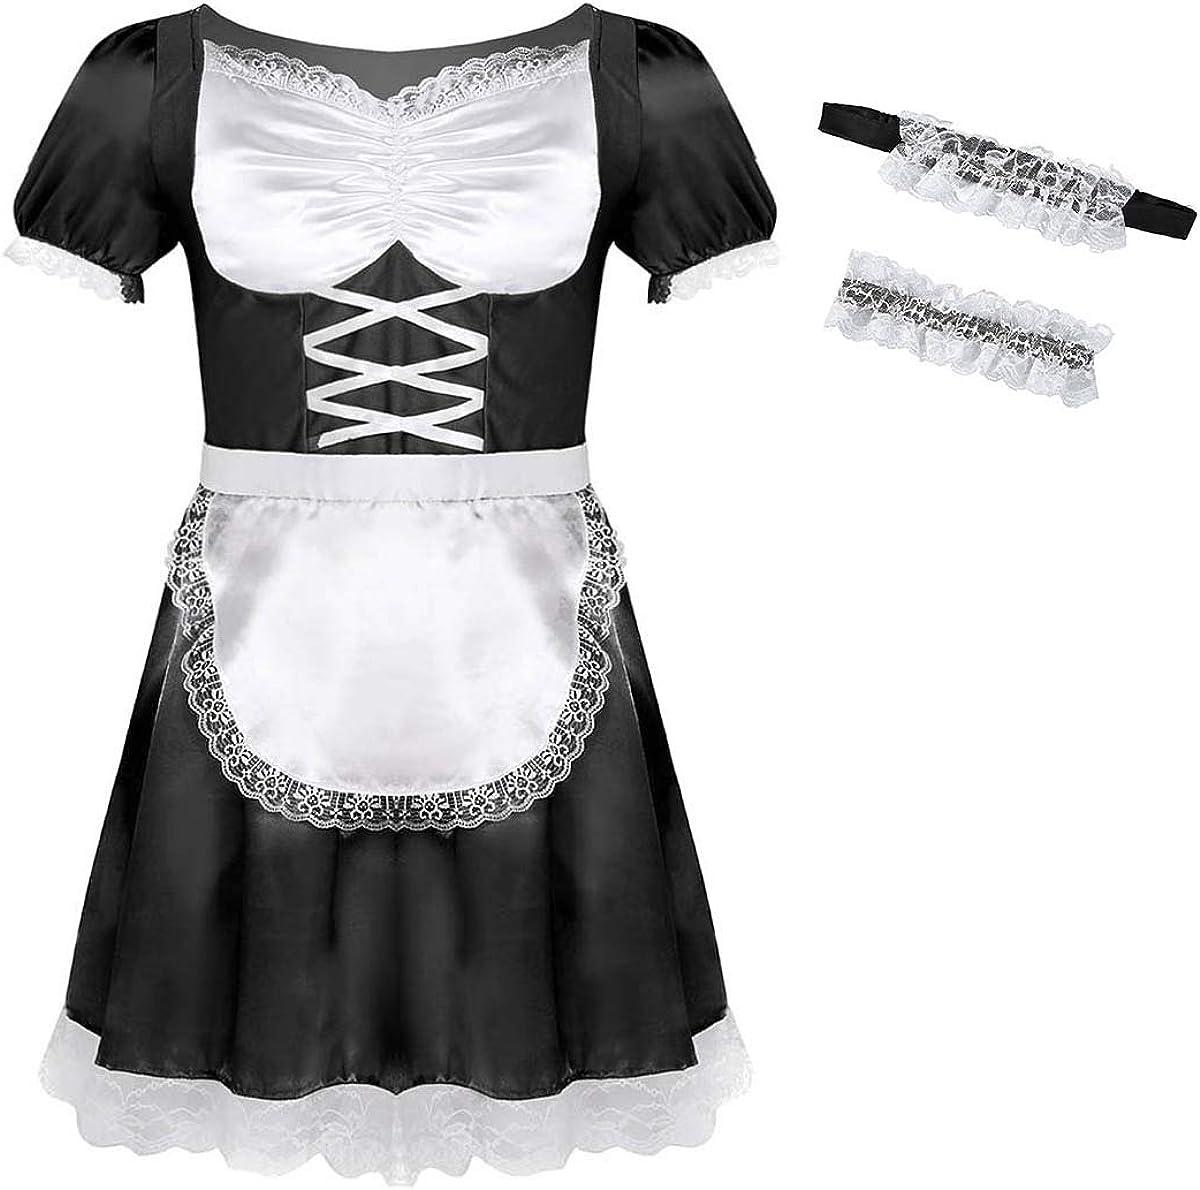 satin Sissy maid mini dress cross dressers